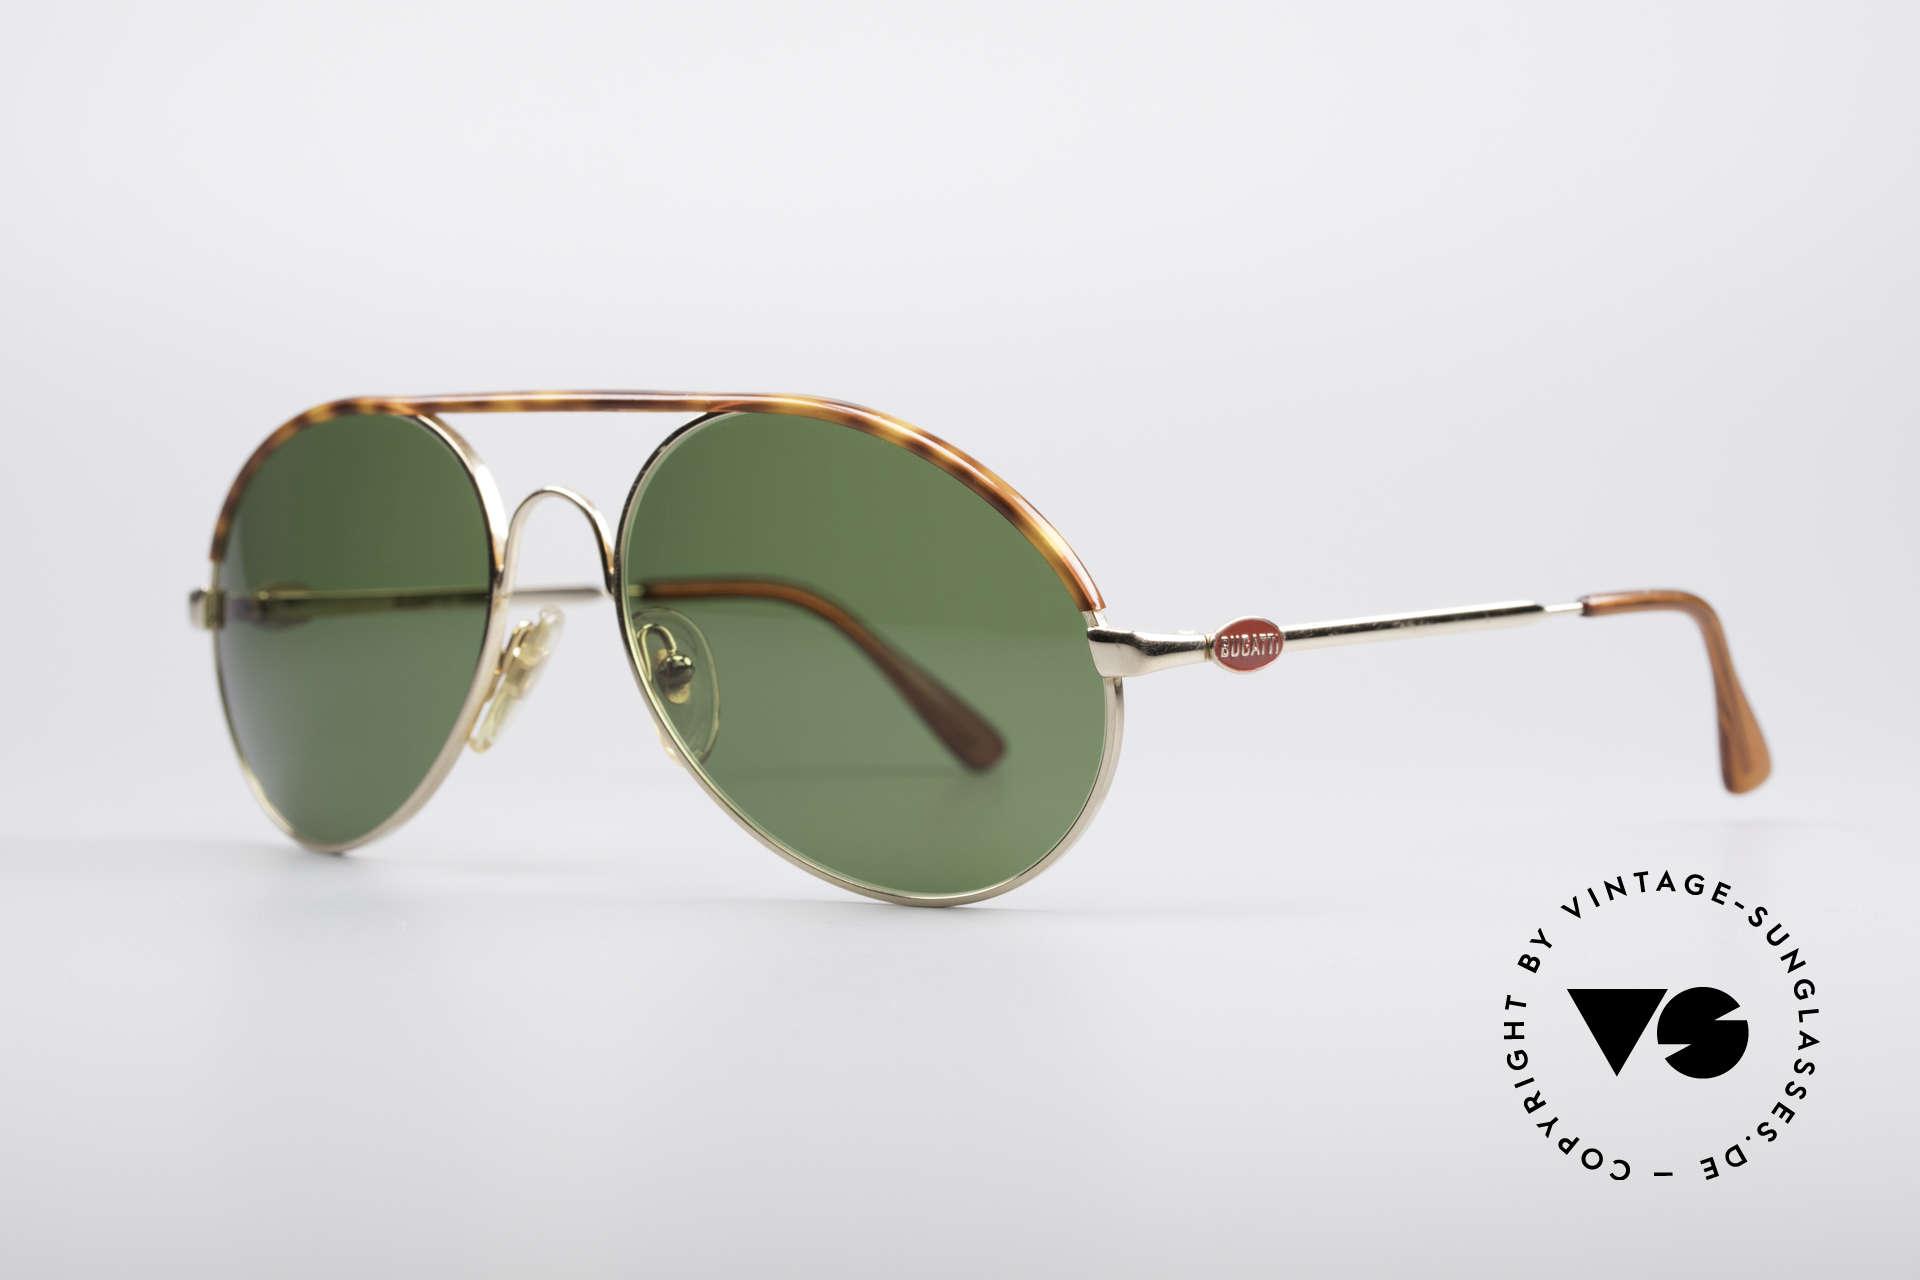 Bugatti 65986 80er Herren Sonnenbrille, Mod. 65986 mit Oberrand in Schildpatt-Optik, Passend für Herren